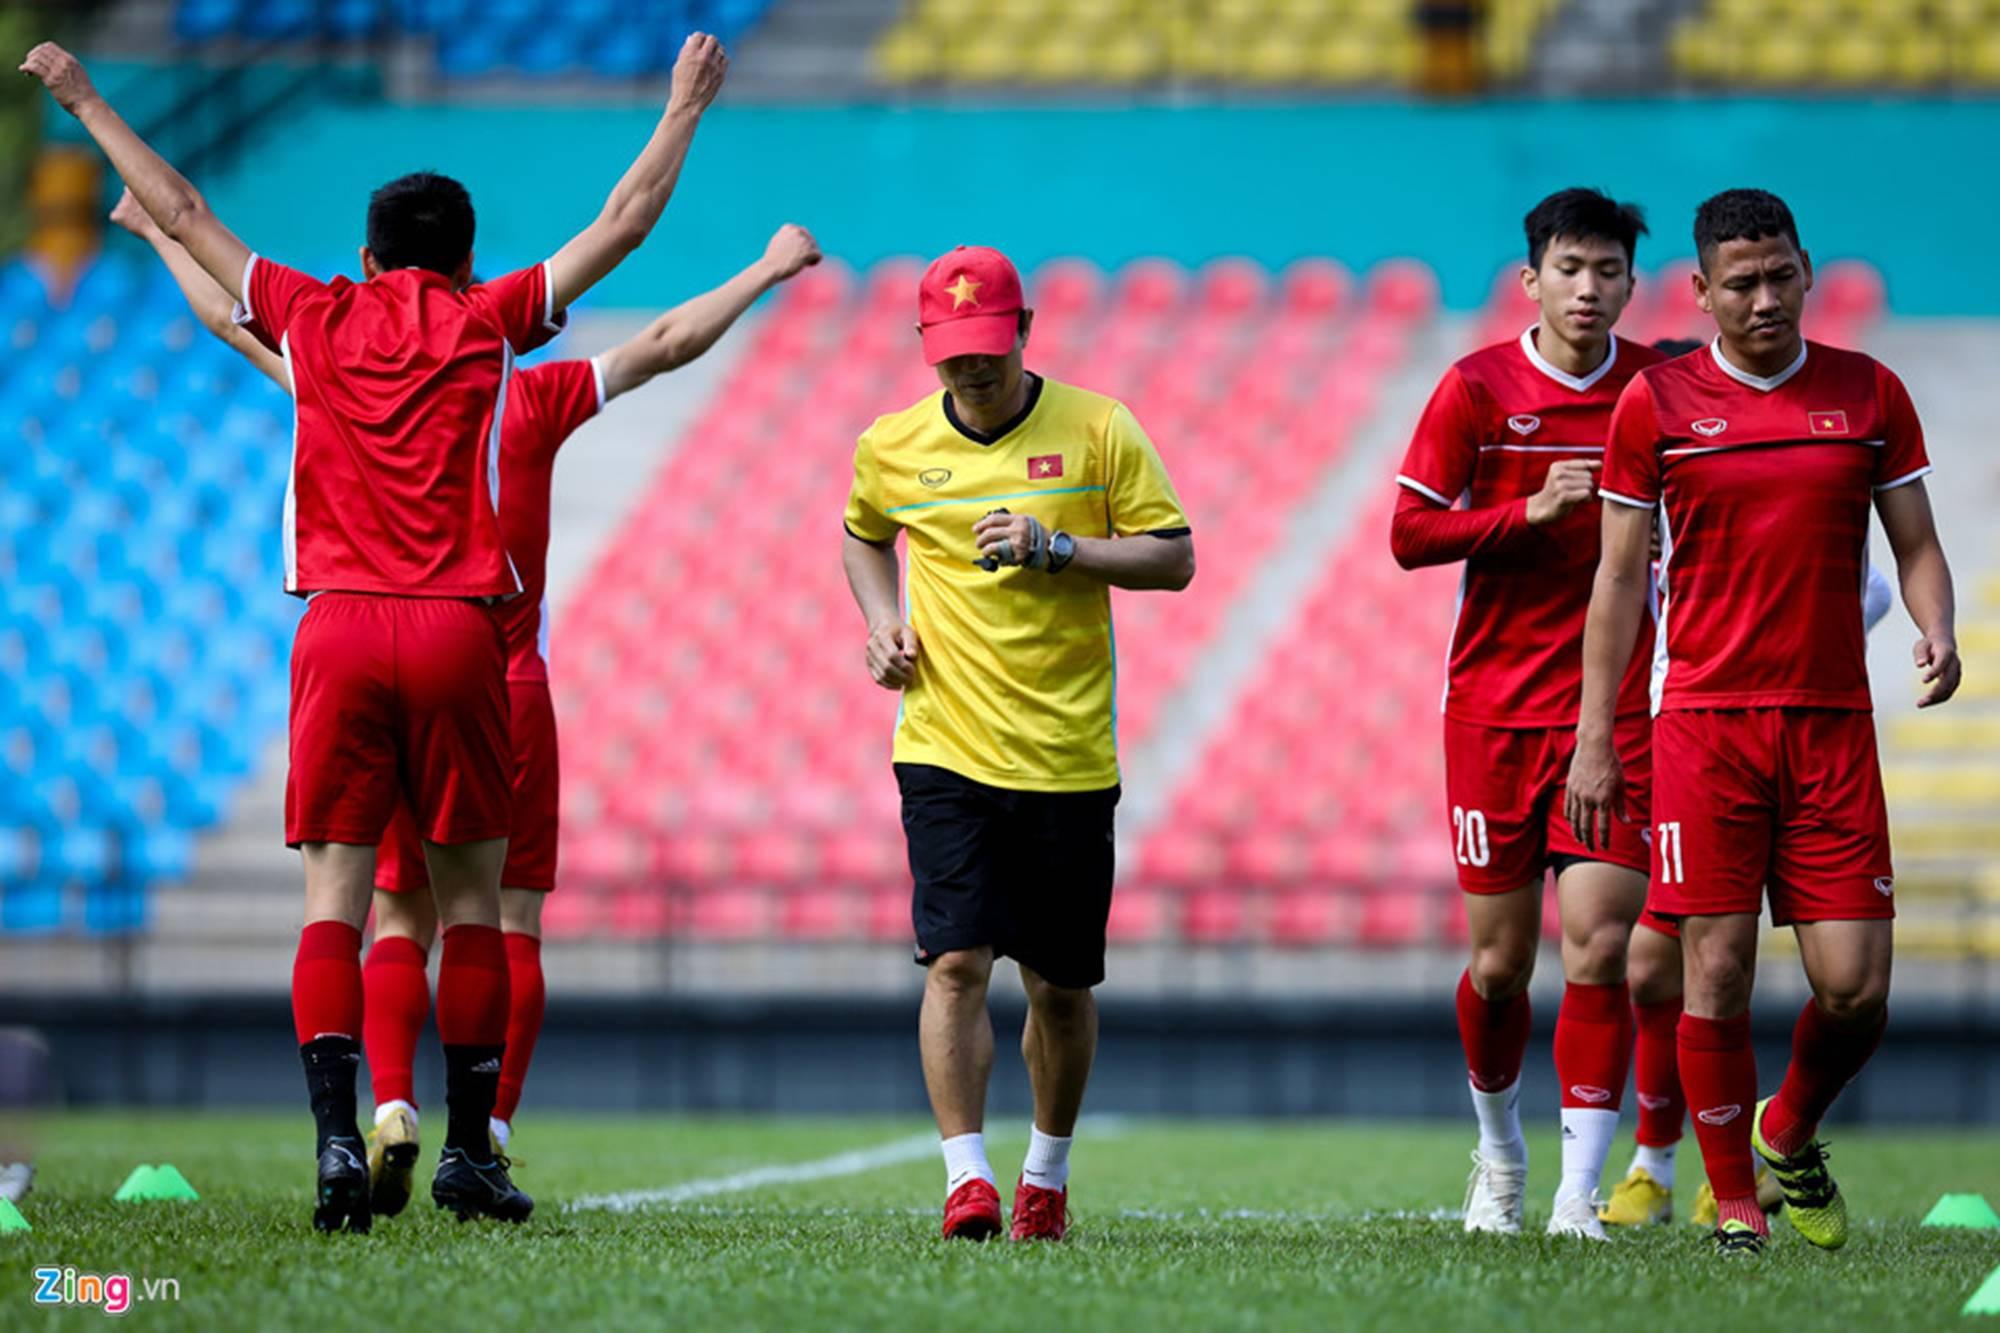 CĐV Malaysia ghi hình lén buổi tập của tuyển Việt Nam-1